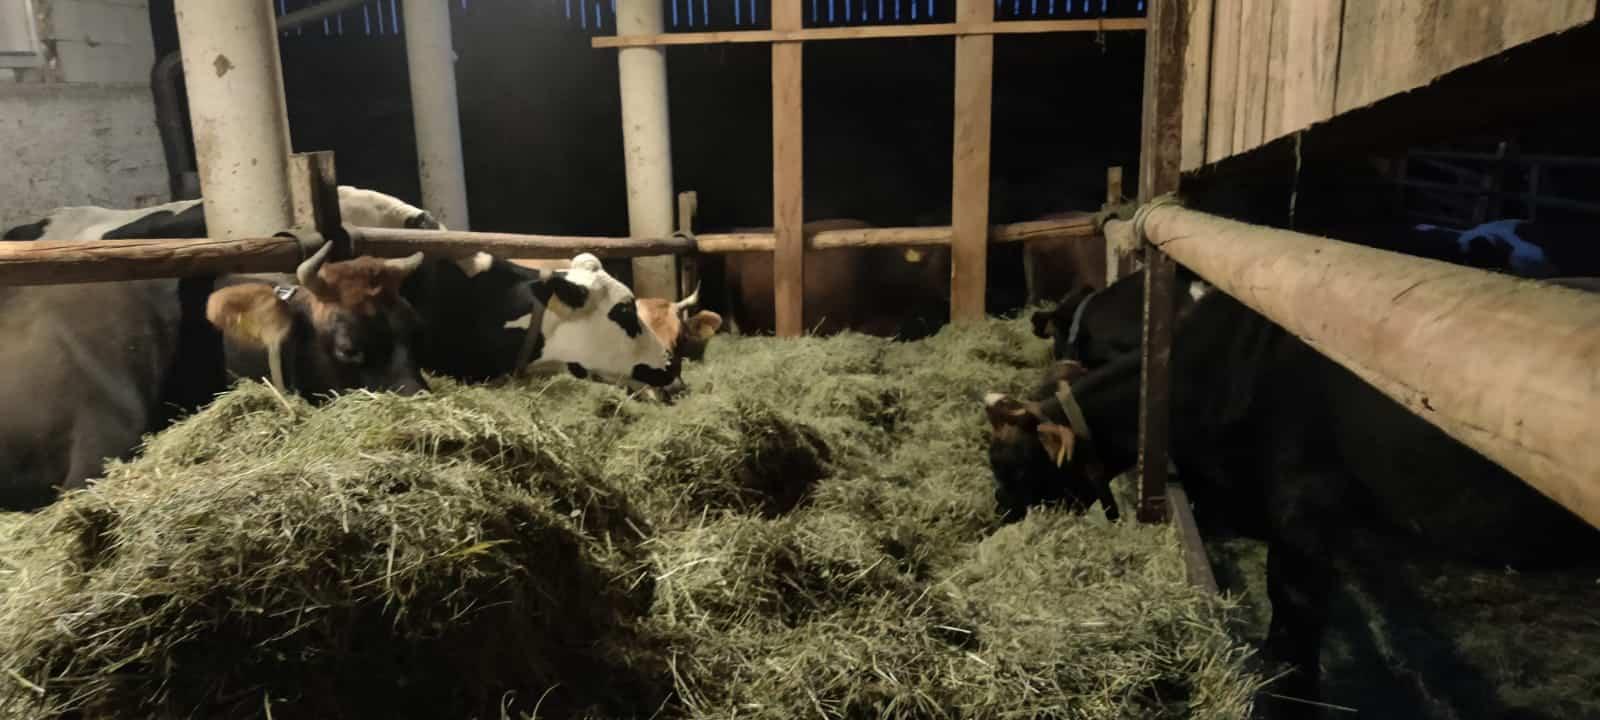 Foto - B2P020 Olga & Markus Voglauer (Biohof Kumer | Bio-kmetija pri Kumru) - Logische Landwirtschaft mit Jersey-Kühen und Direktvermarktung